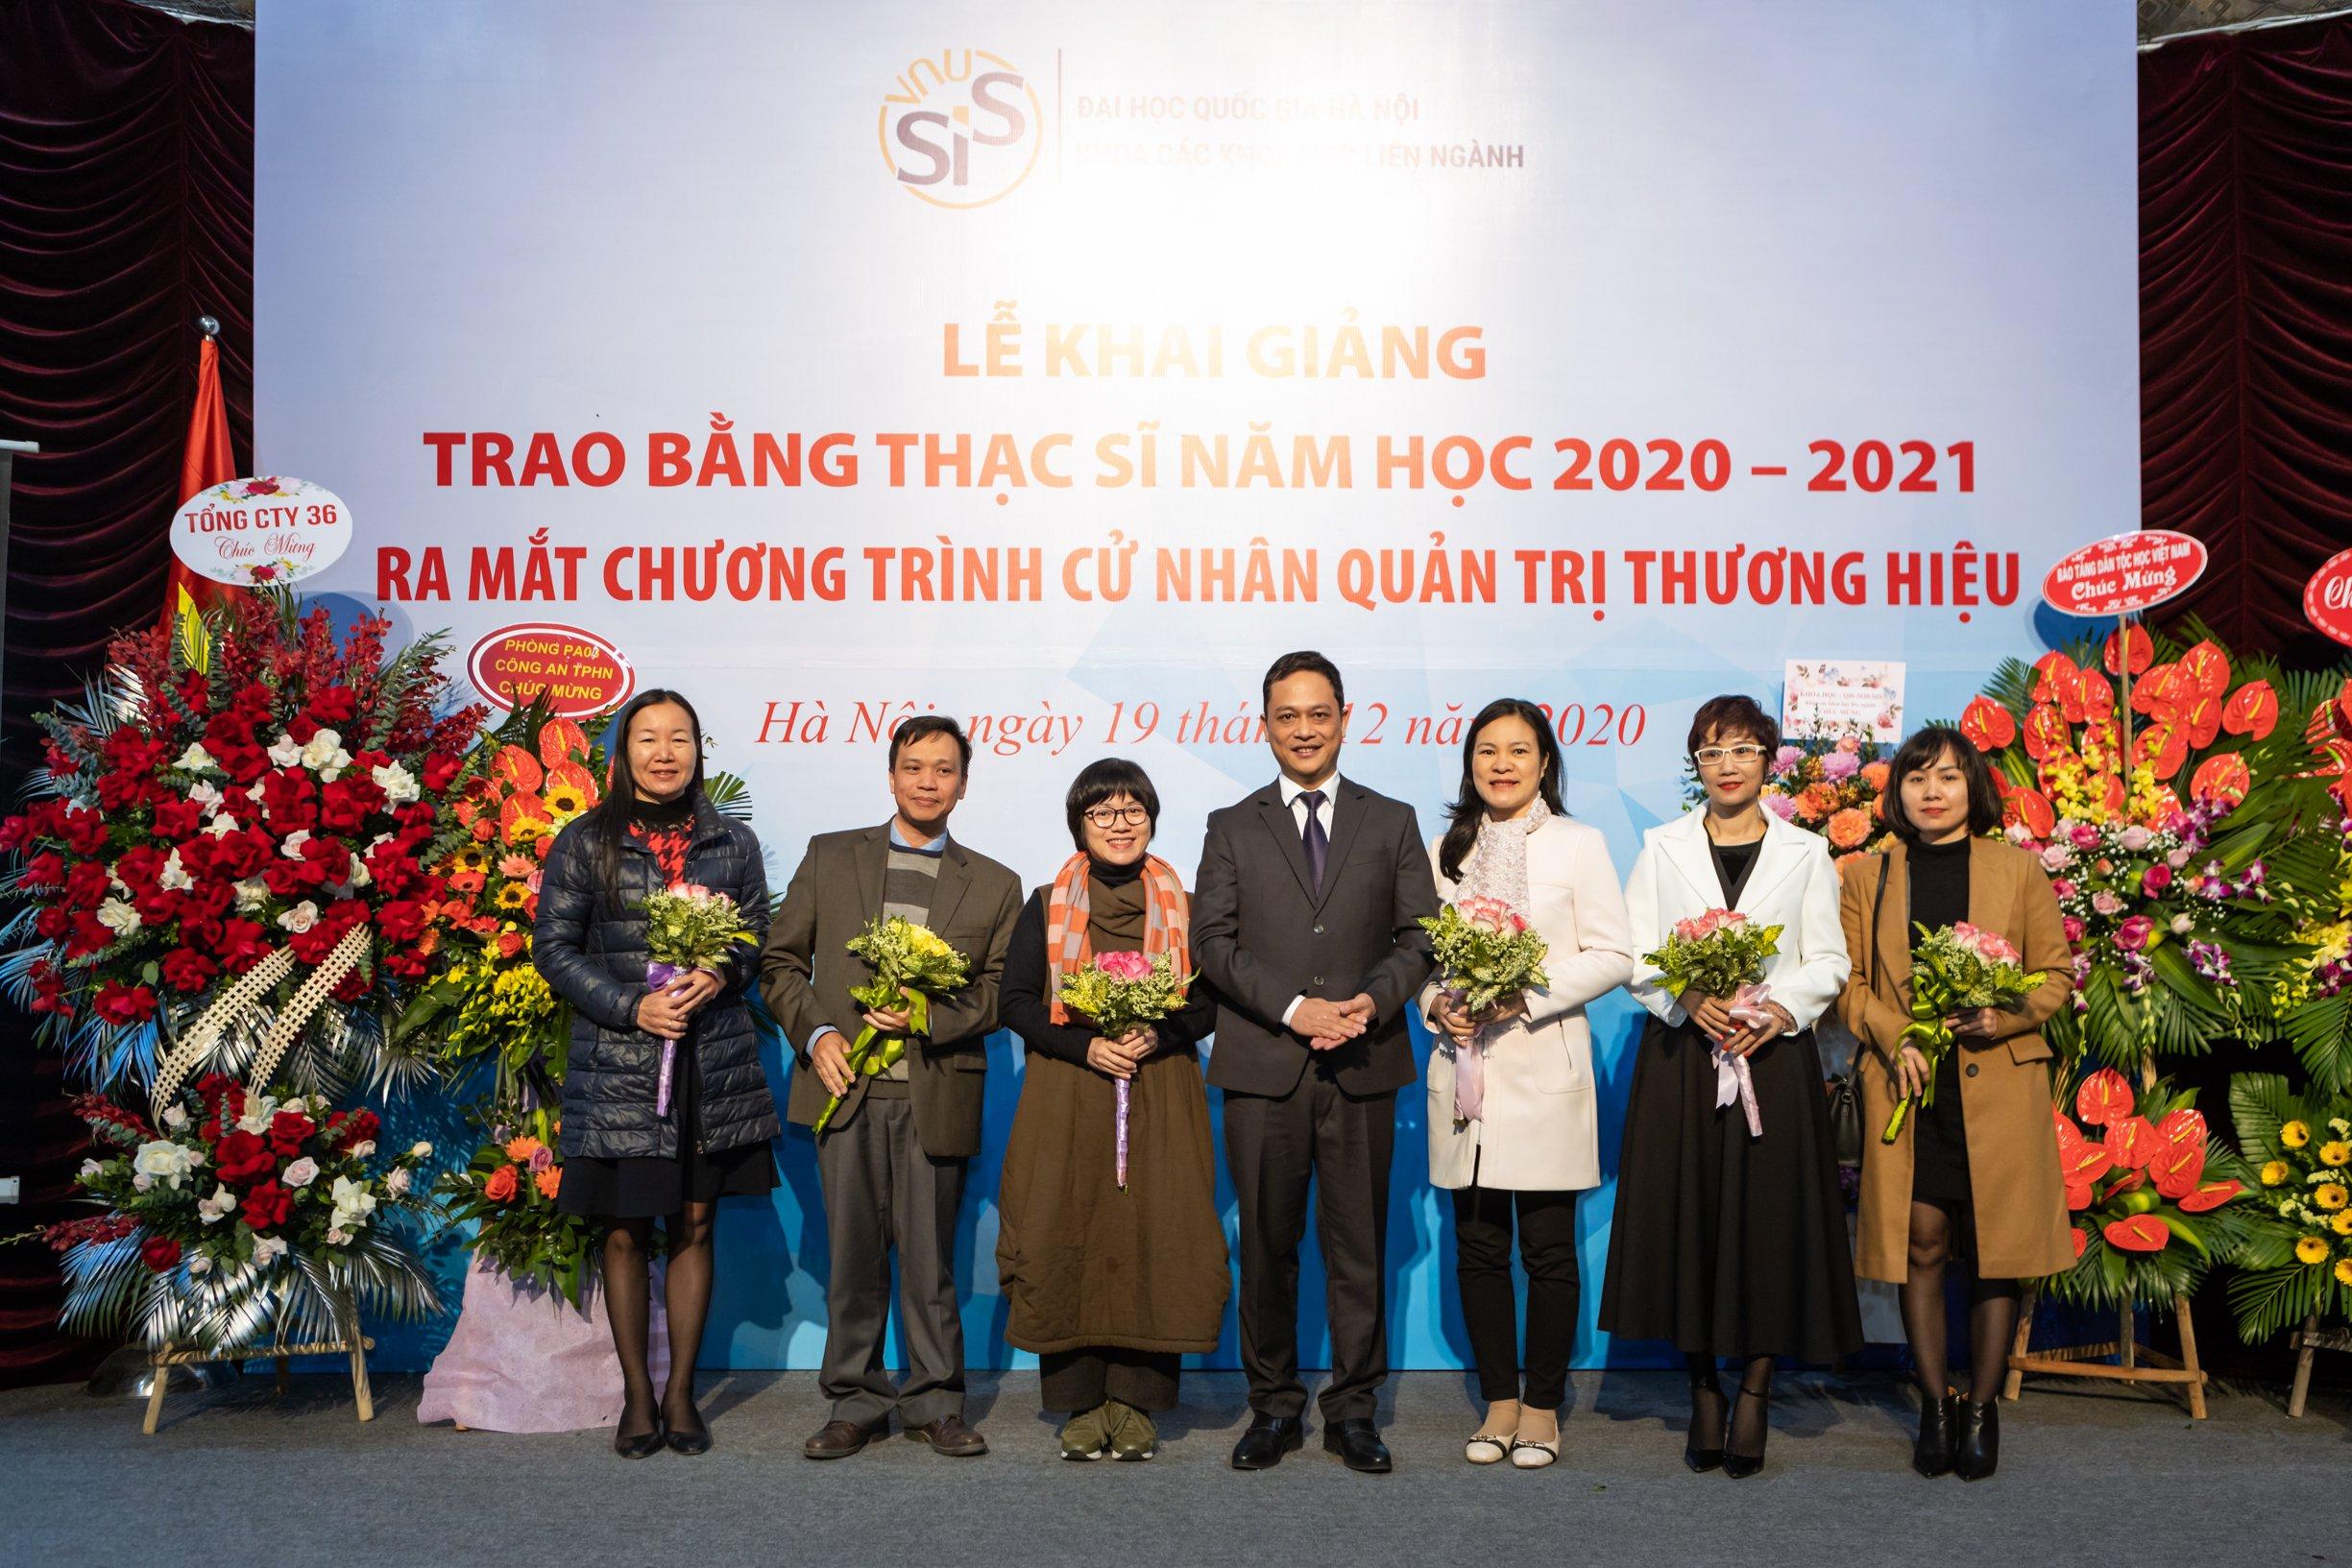 Công ty Thương hiệu và quản trị Thanhs vô cùng vinh dự trở thành một trong số các Đơn vị chiến lược tham gia xây dựng chương trình đào tạo cử nhân QTTH